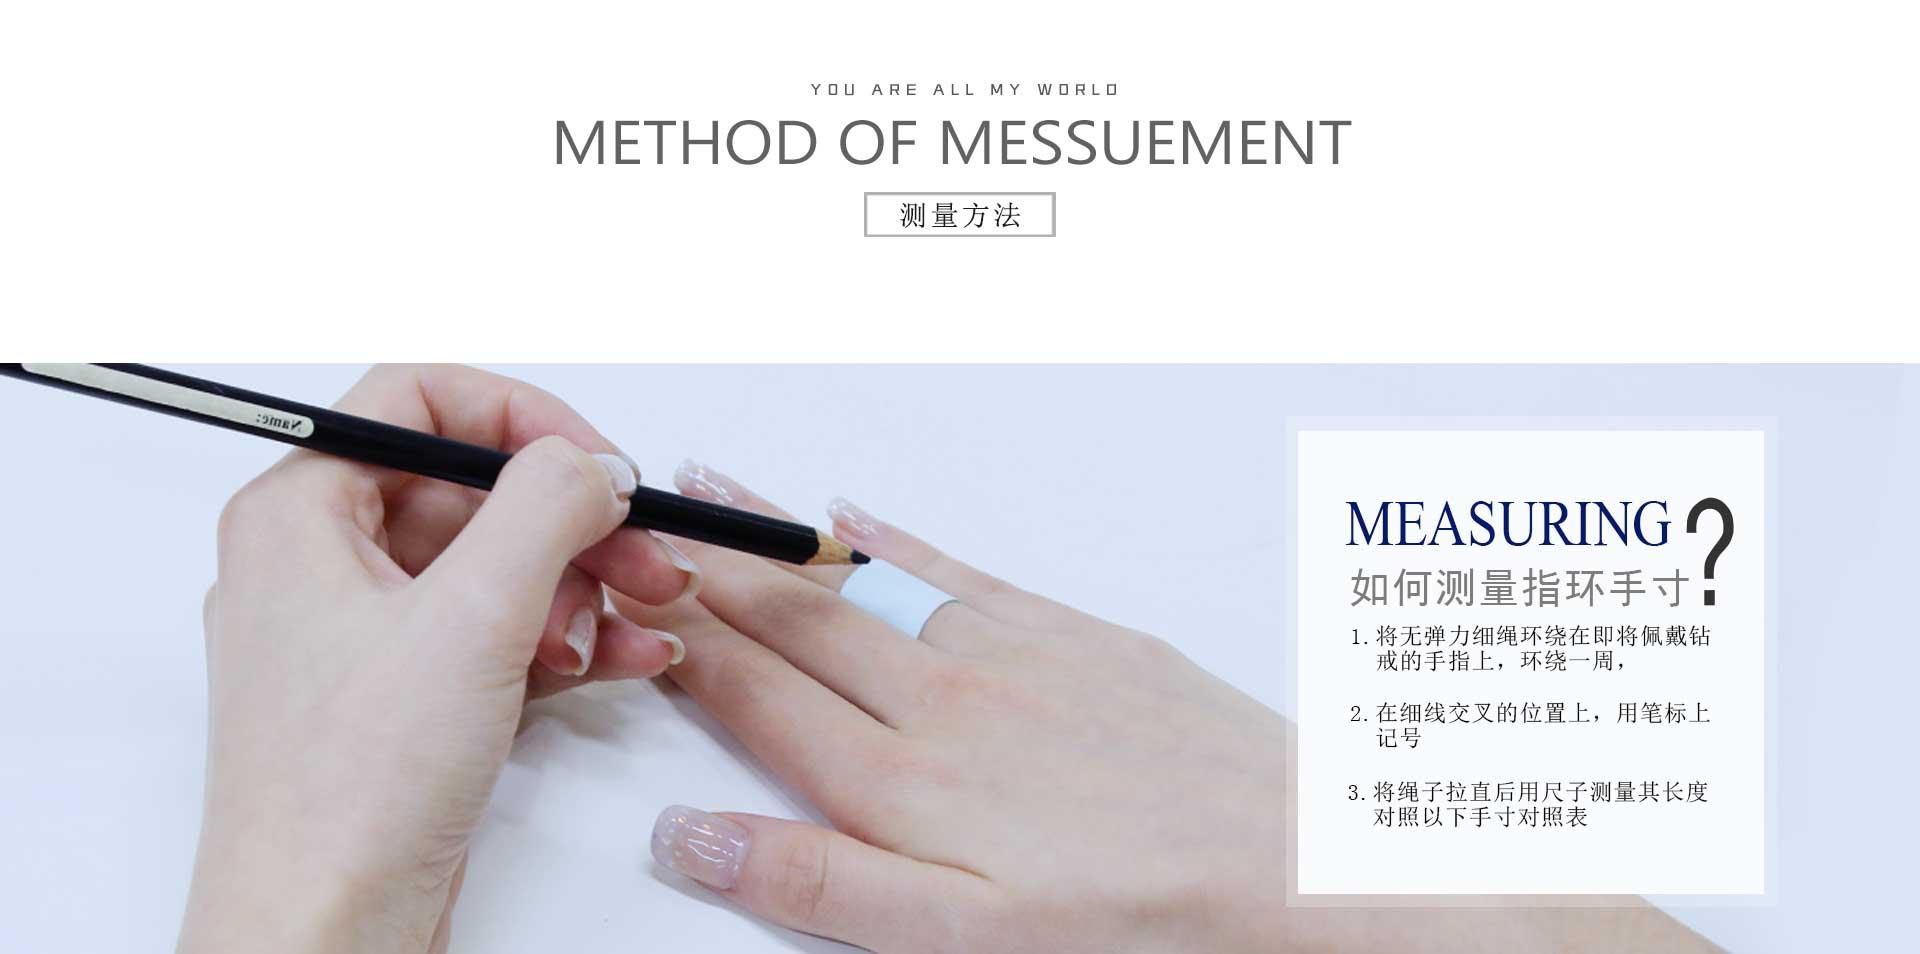 4、测量方法.jpg